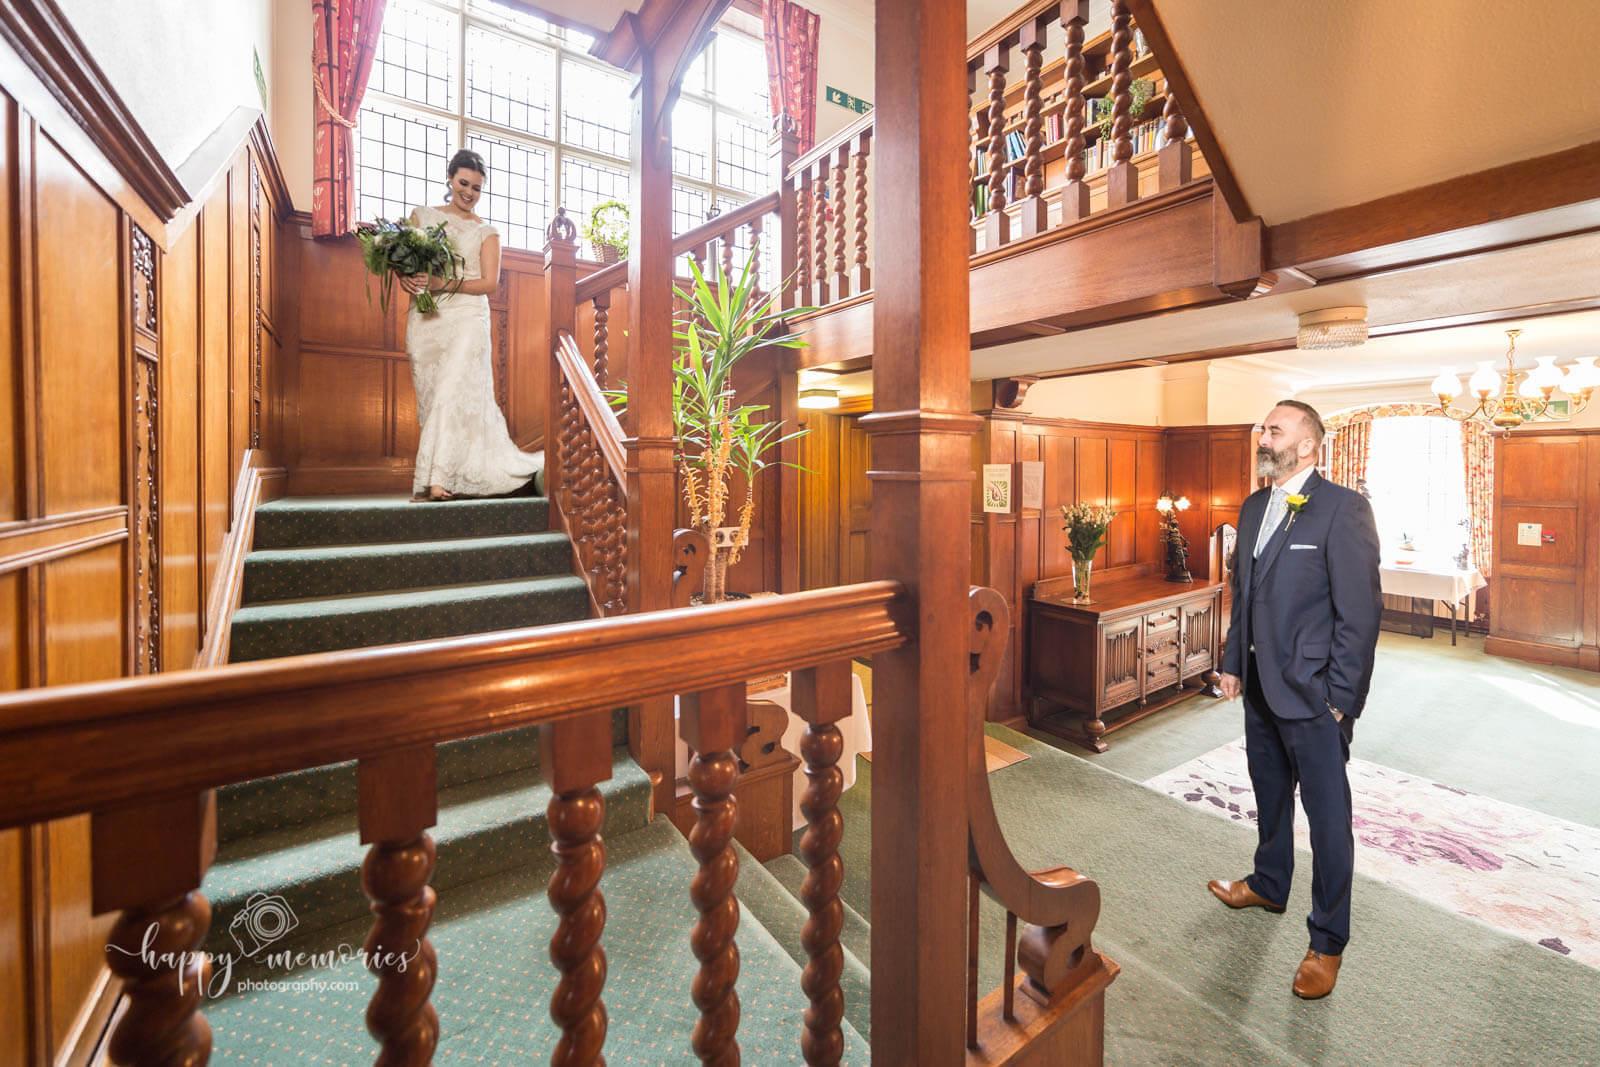 Wedding photographer Crawley-23